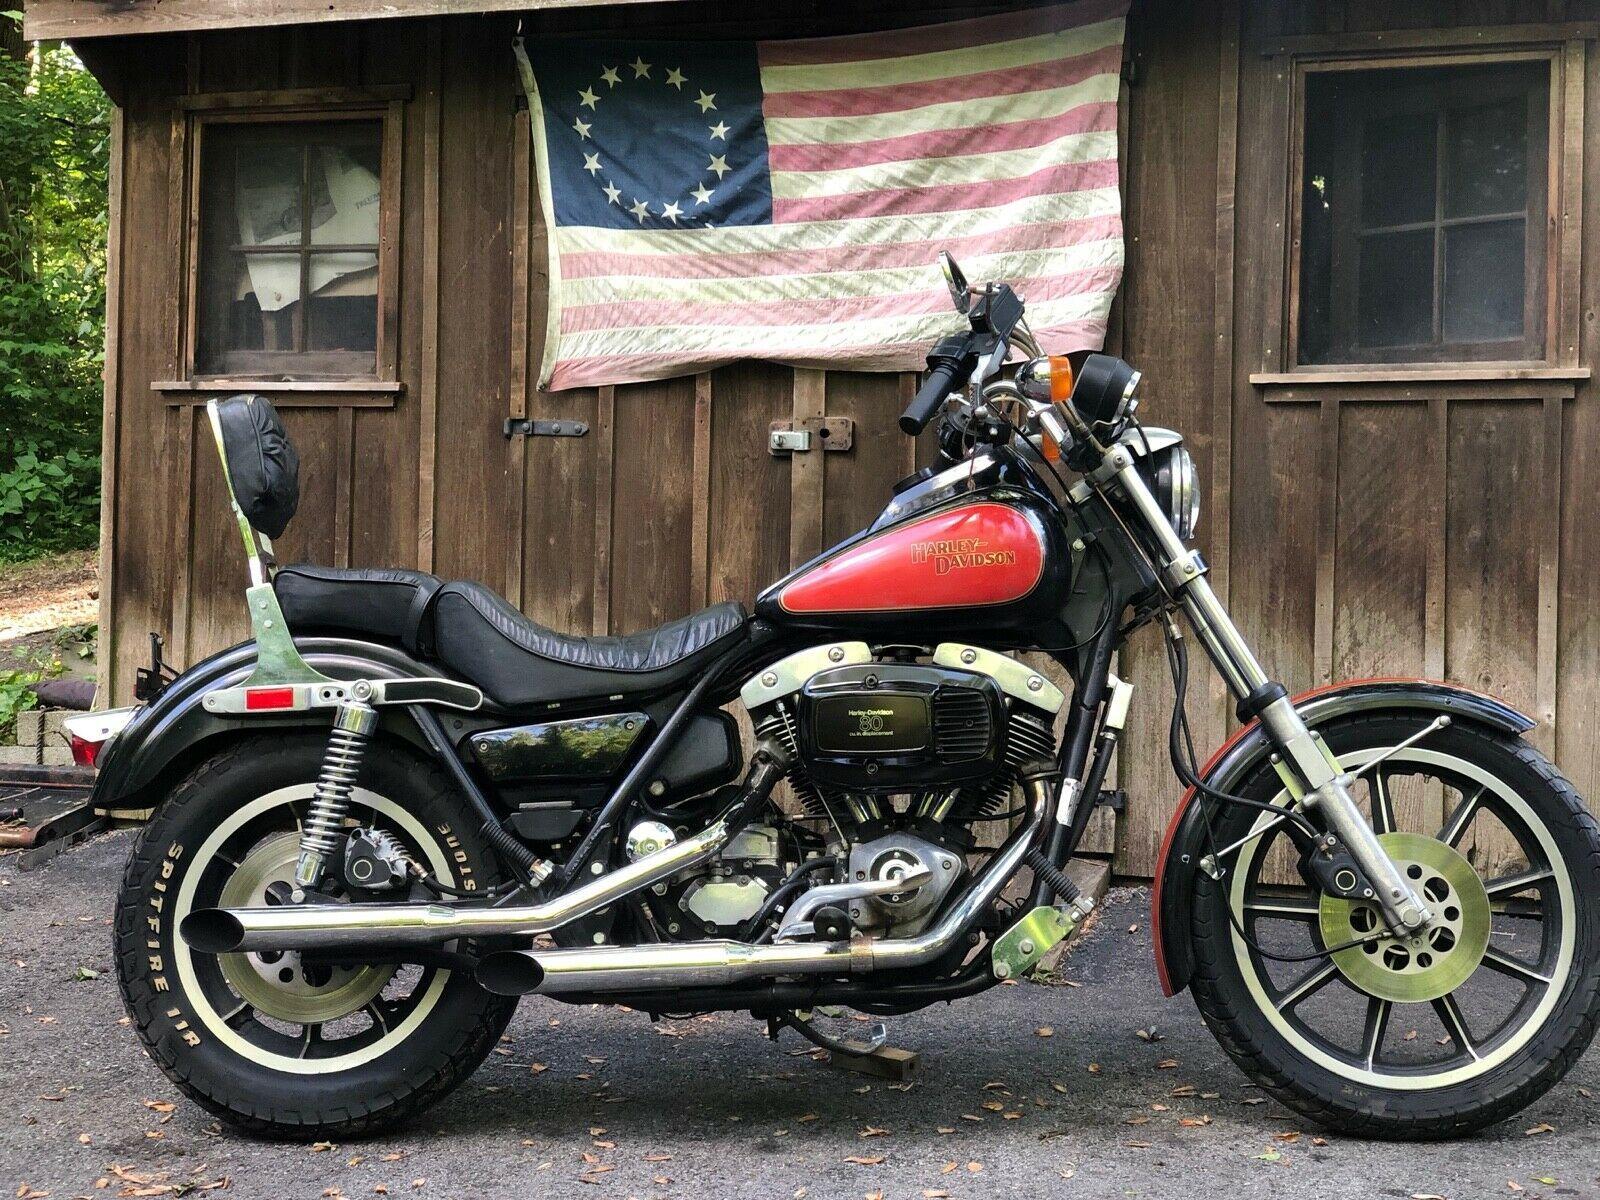 Details about 1986 Harley-Davidson FXR | FXR - Harley